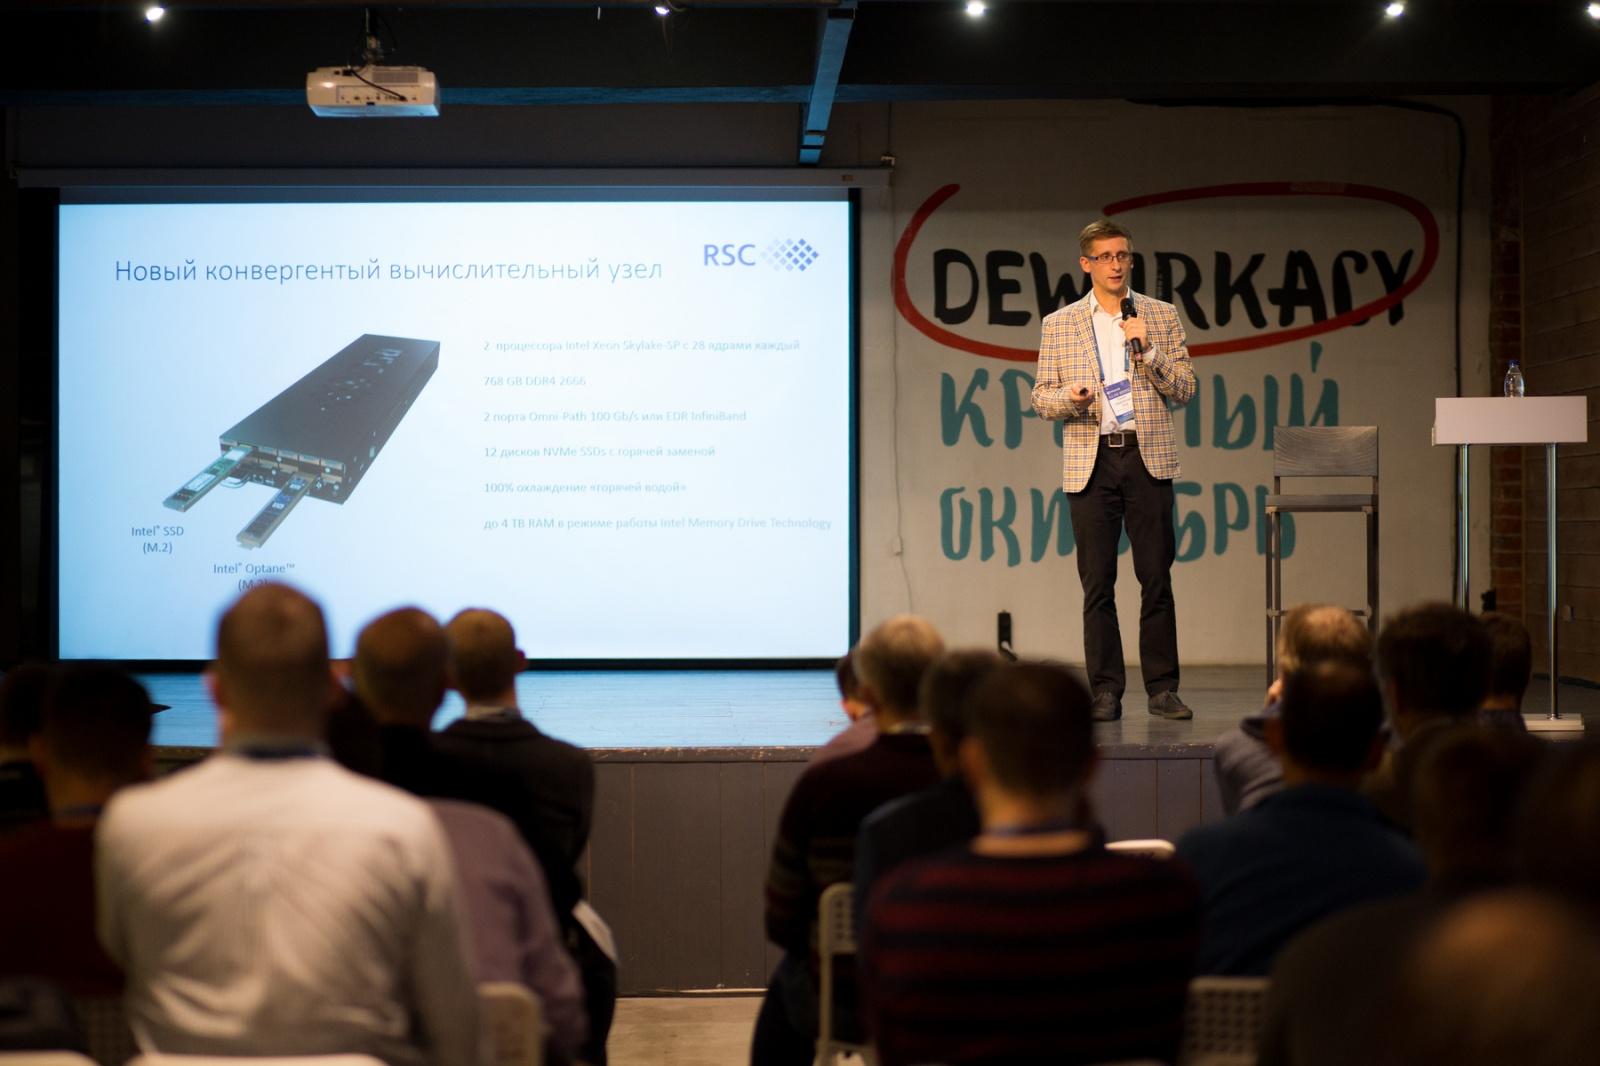 Конференция ПРОSTOR 2018: вопросы и ответы про будущее СХД - 27